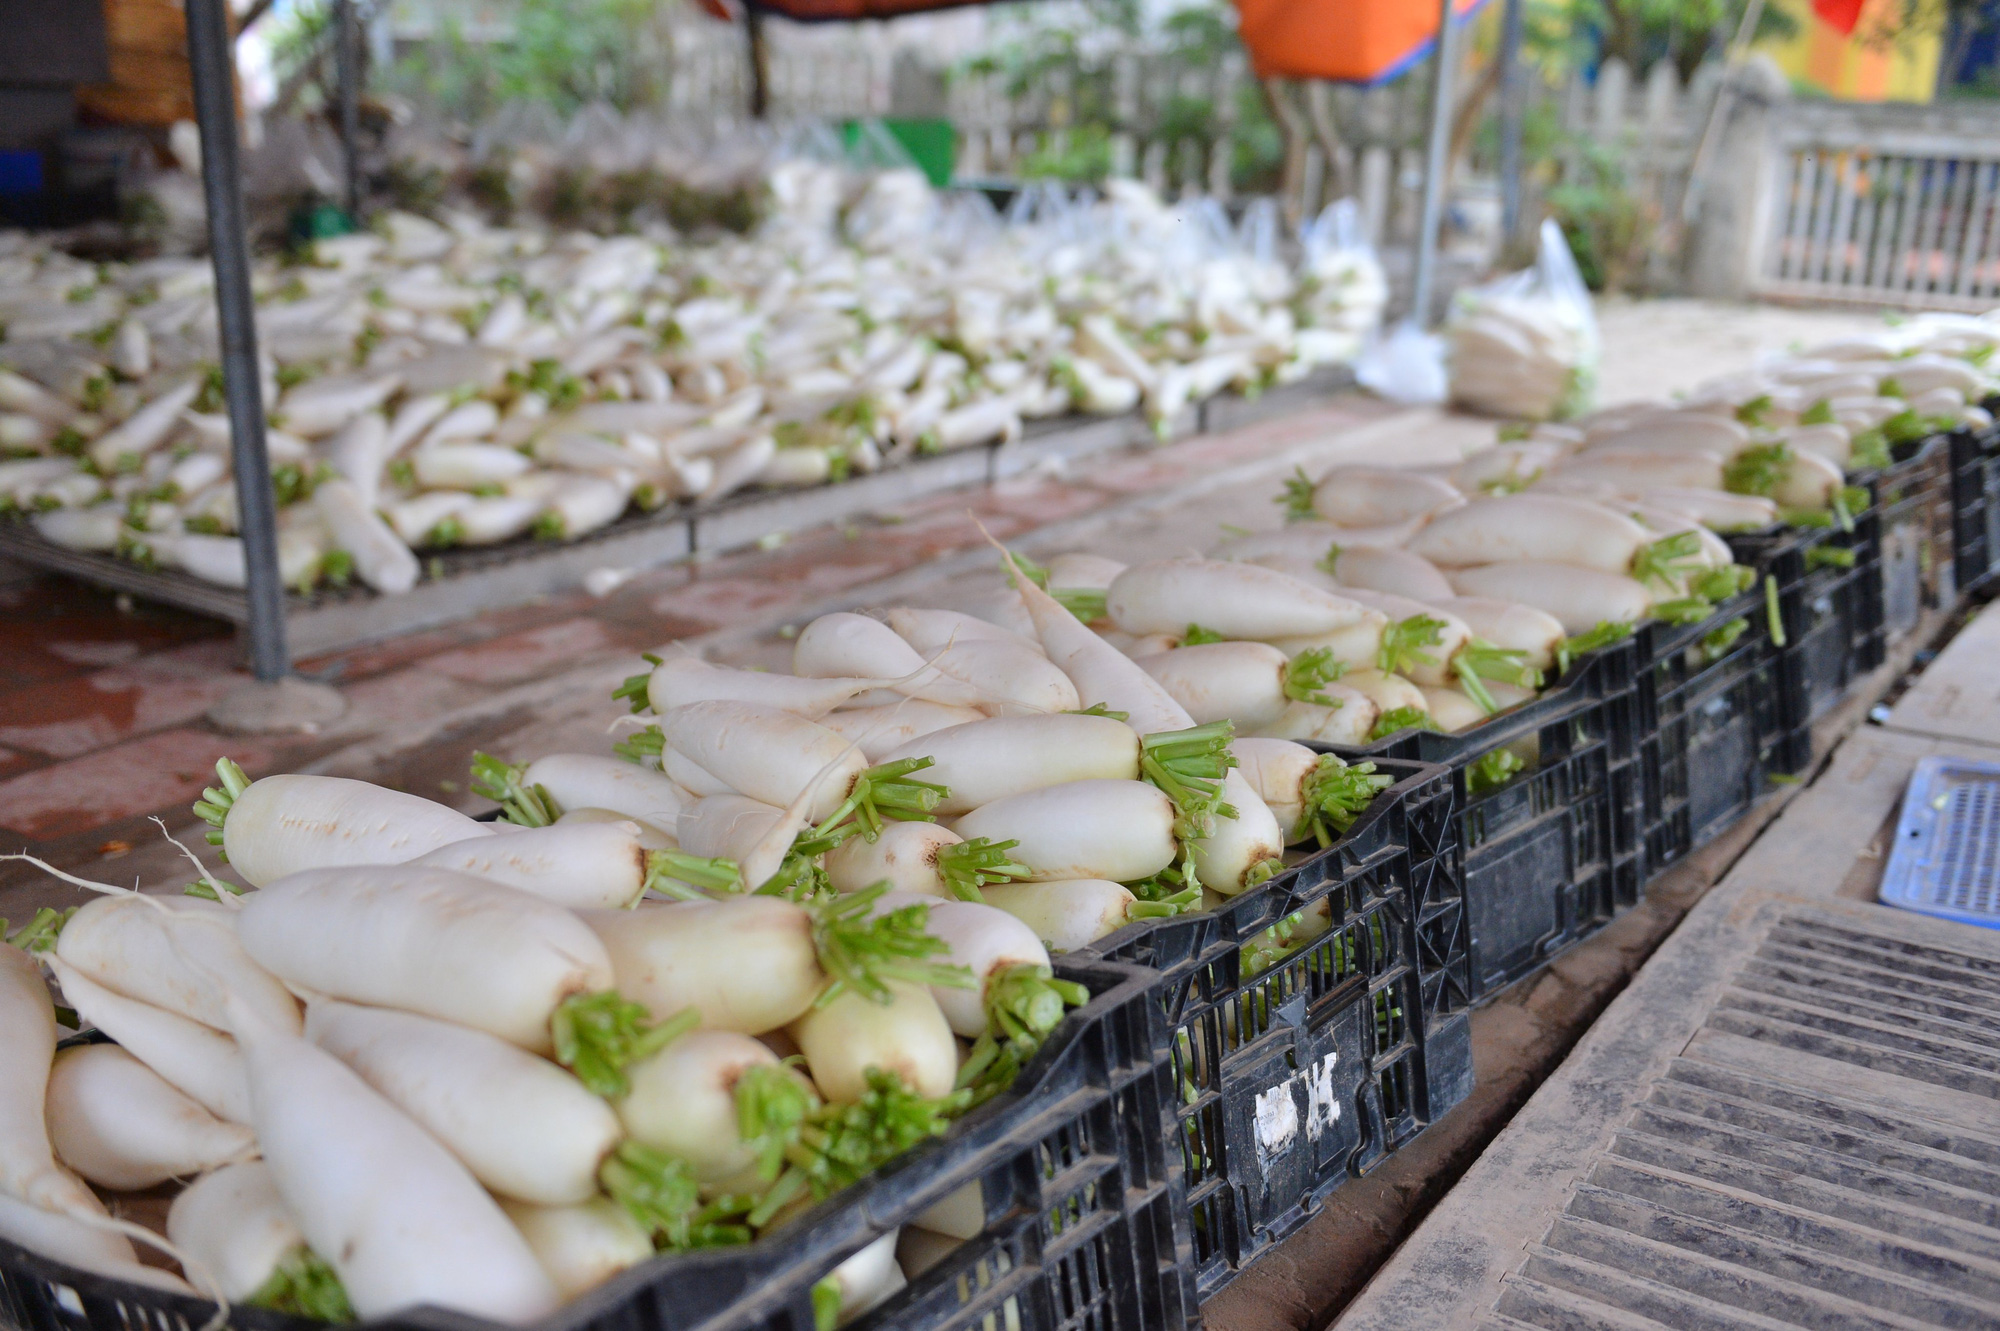 Sau Hải Dương, hàng trăm tấn củ cải ở Hà Nội rớt giá, người dân phải nhổ bỏ vì bán không ai mua - Ảnh 13.